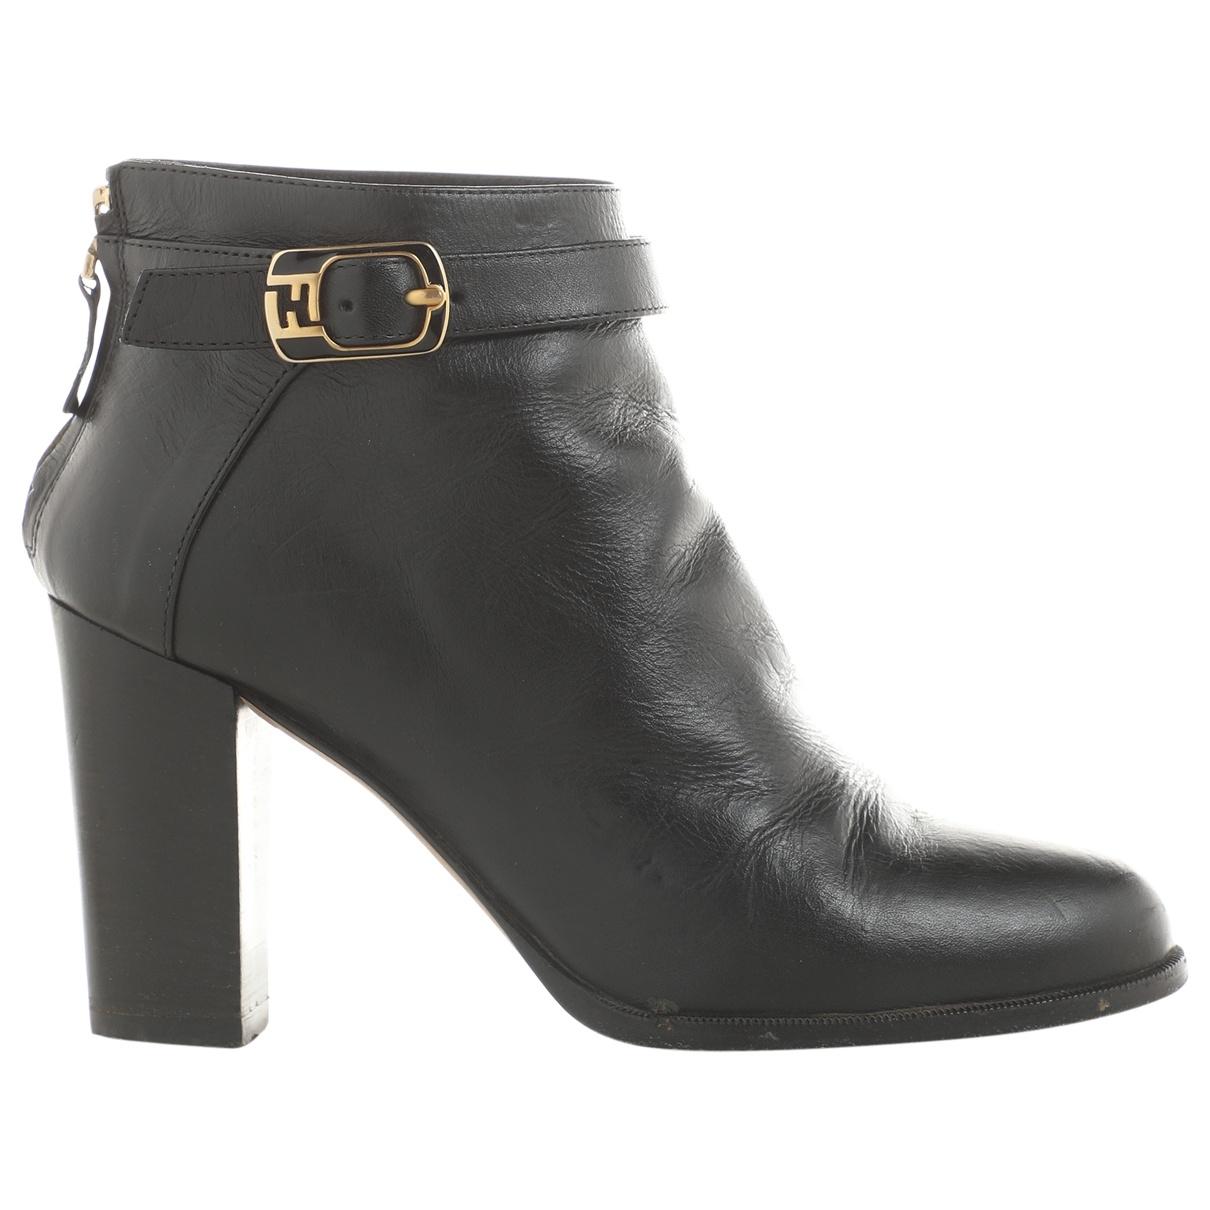 Fendi - Boots   pour femme en cuir - noir